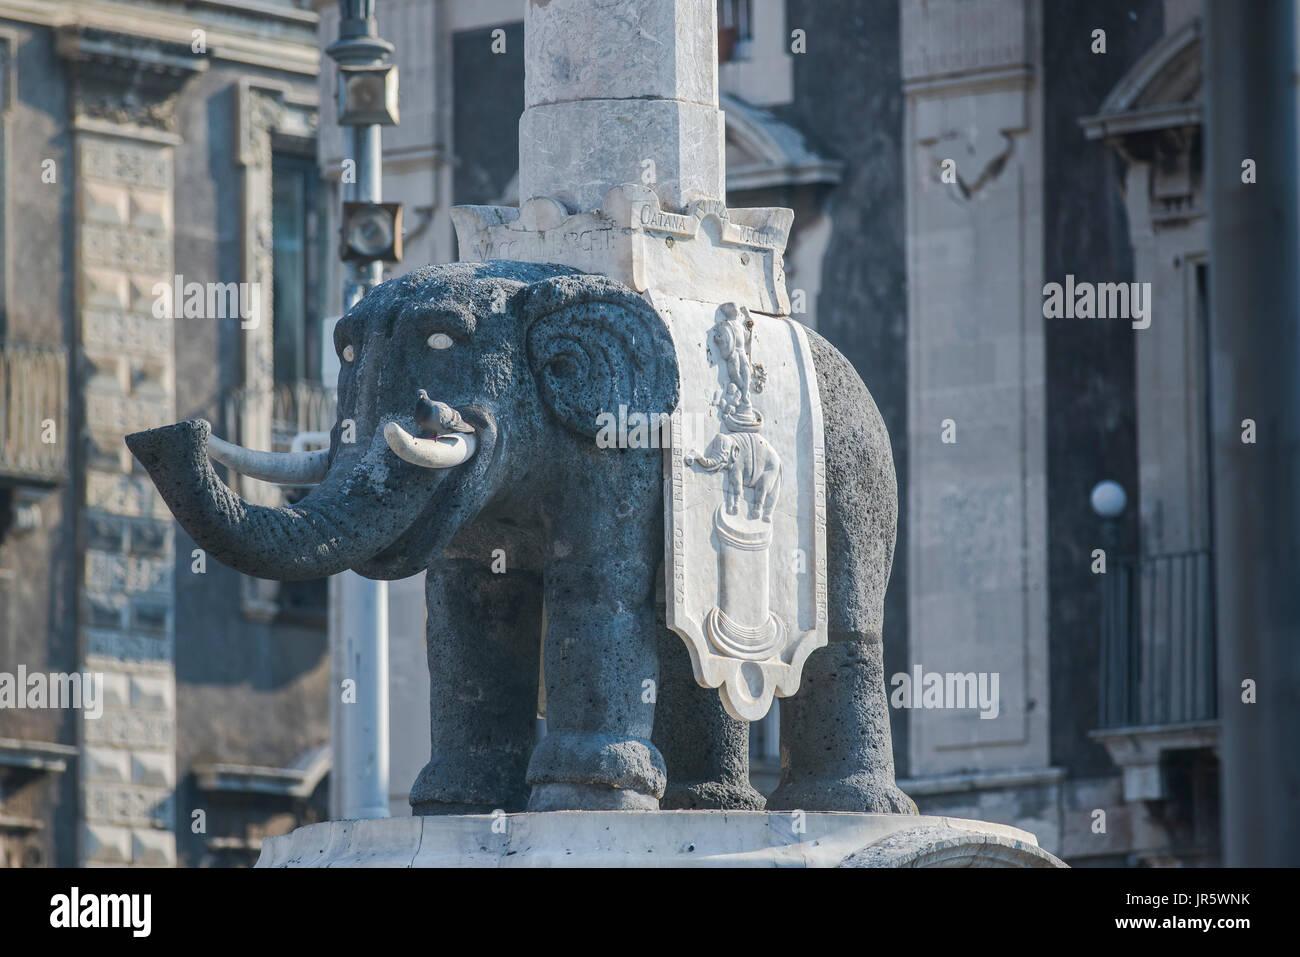 Catania Sizilien Elefant, Ansicht der Liotru-a Lava Rock elephant Unterstützung ein ägyptischer Obelisk auf dem Rücken in der Piazza del Duomo, Catania, Sizilien Stockbild